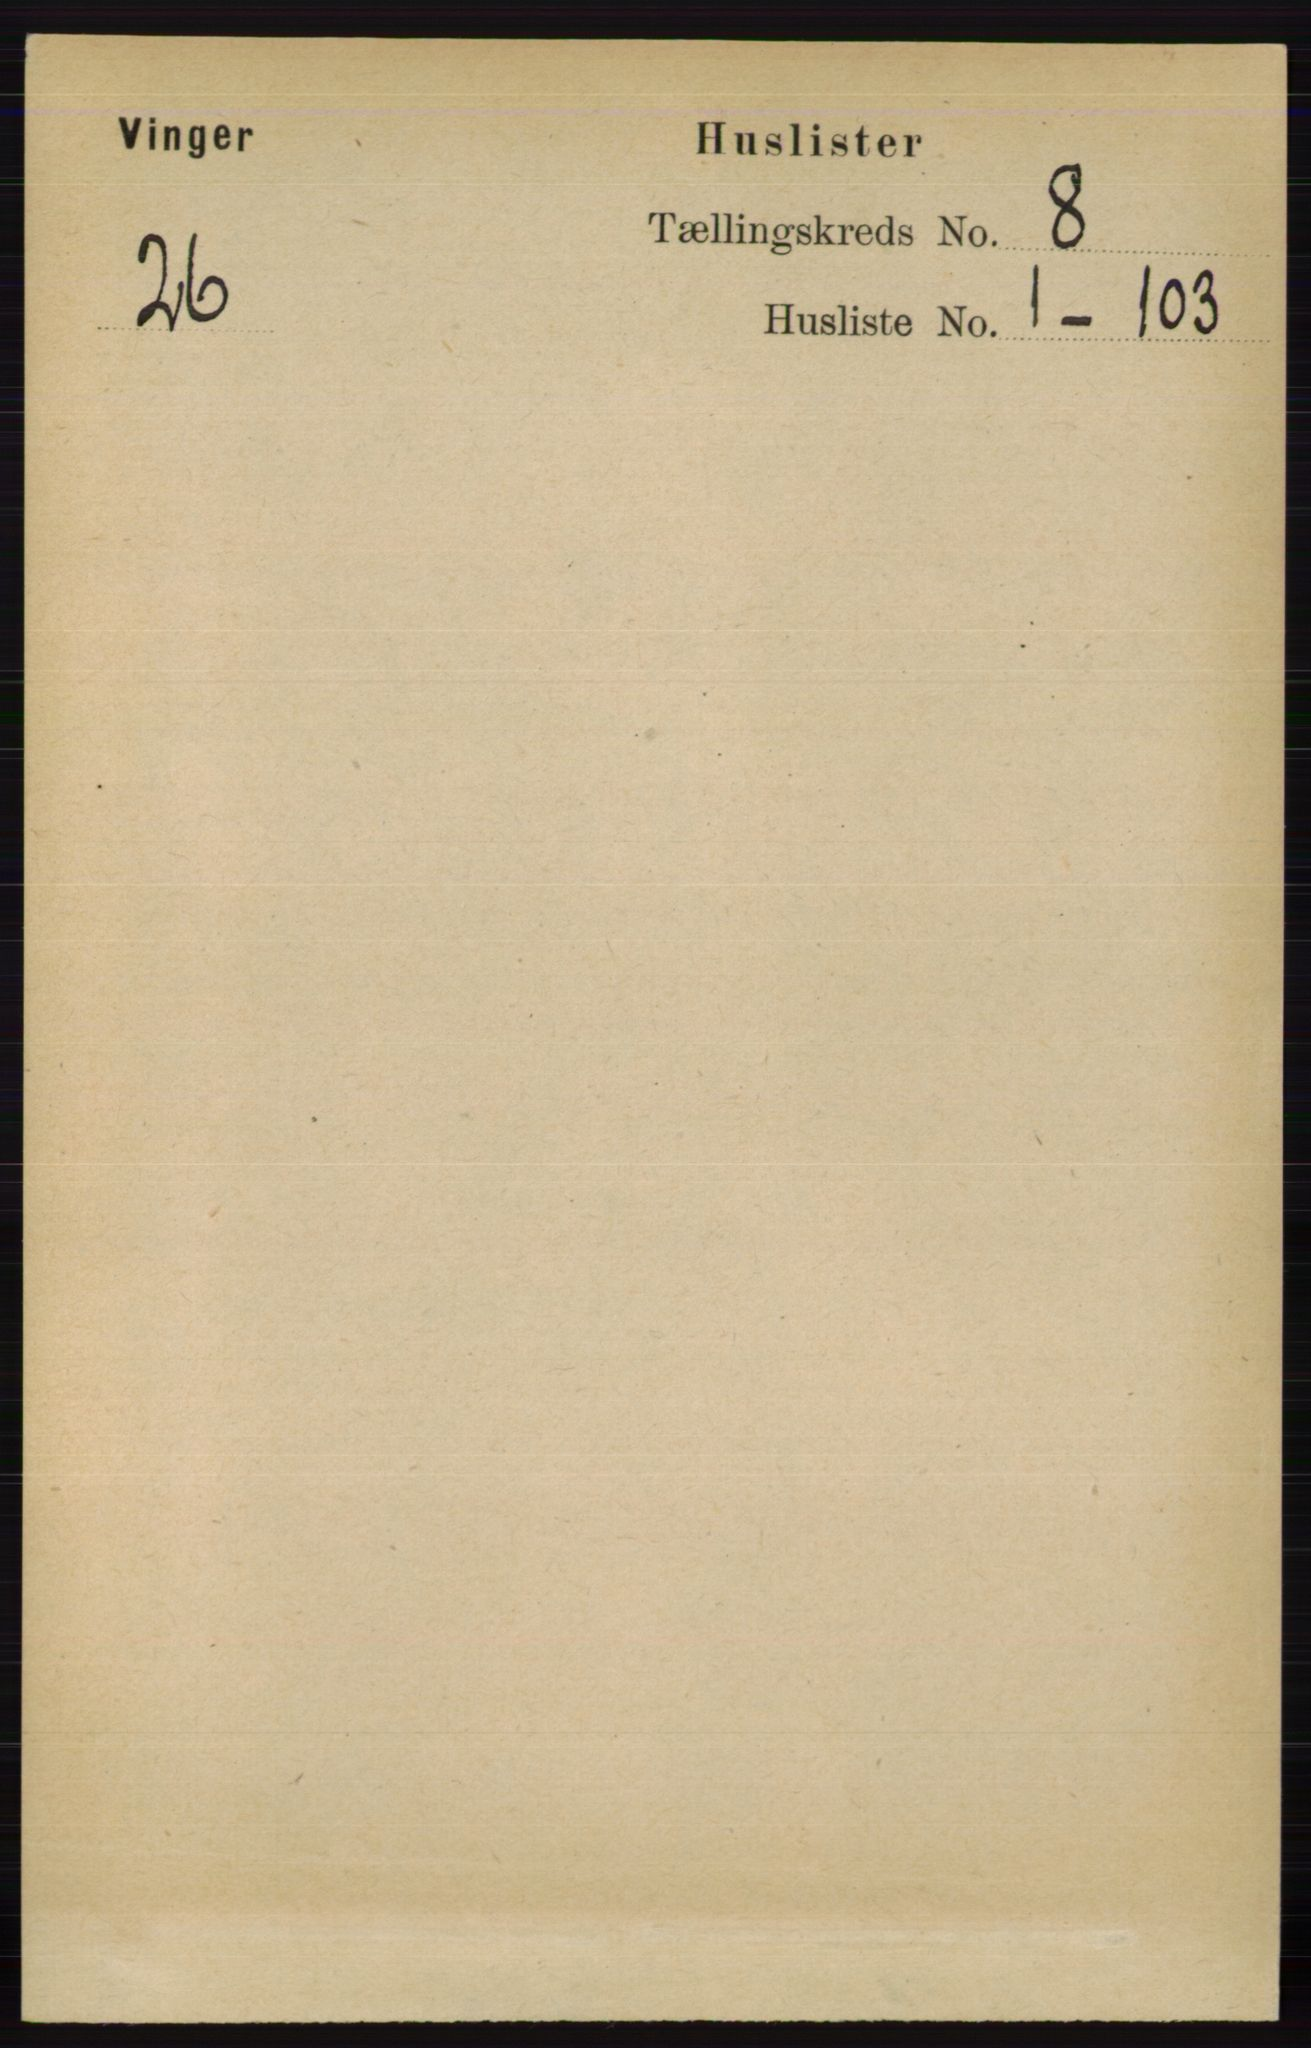 RA, Folketelling 1891 for 0421 Vinger herred, 1891, s. 3525